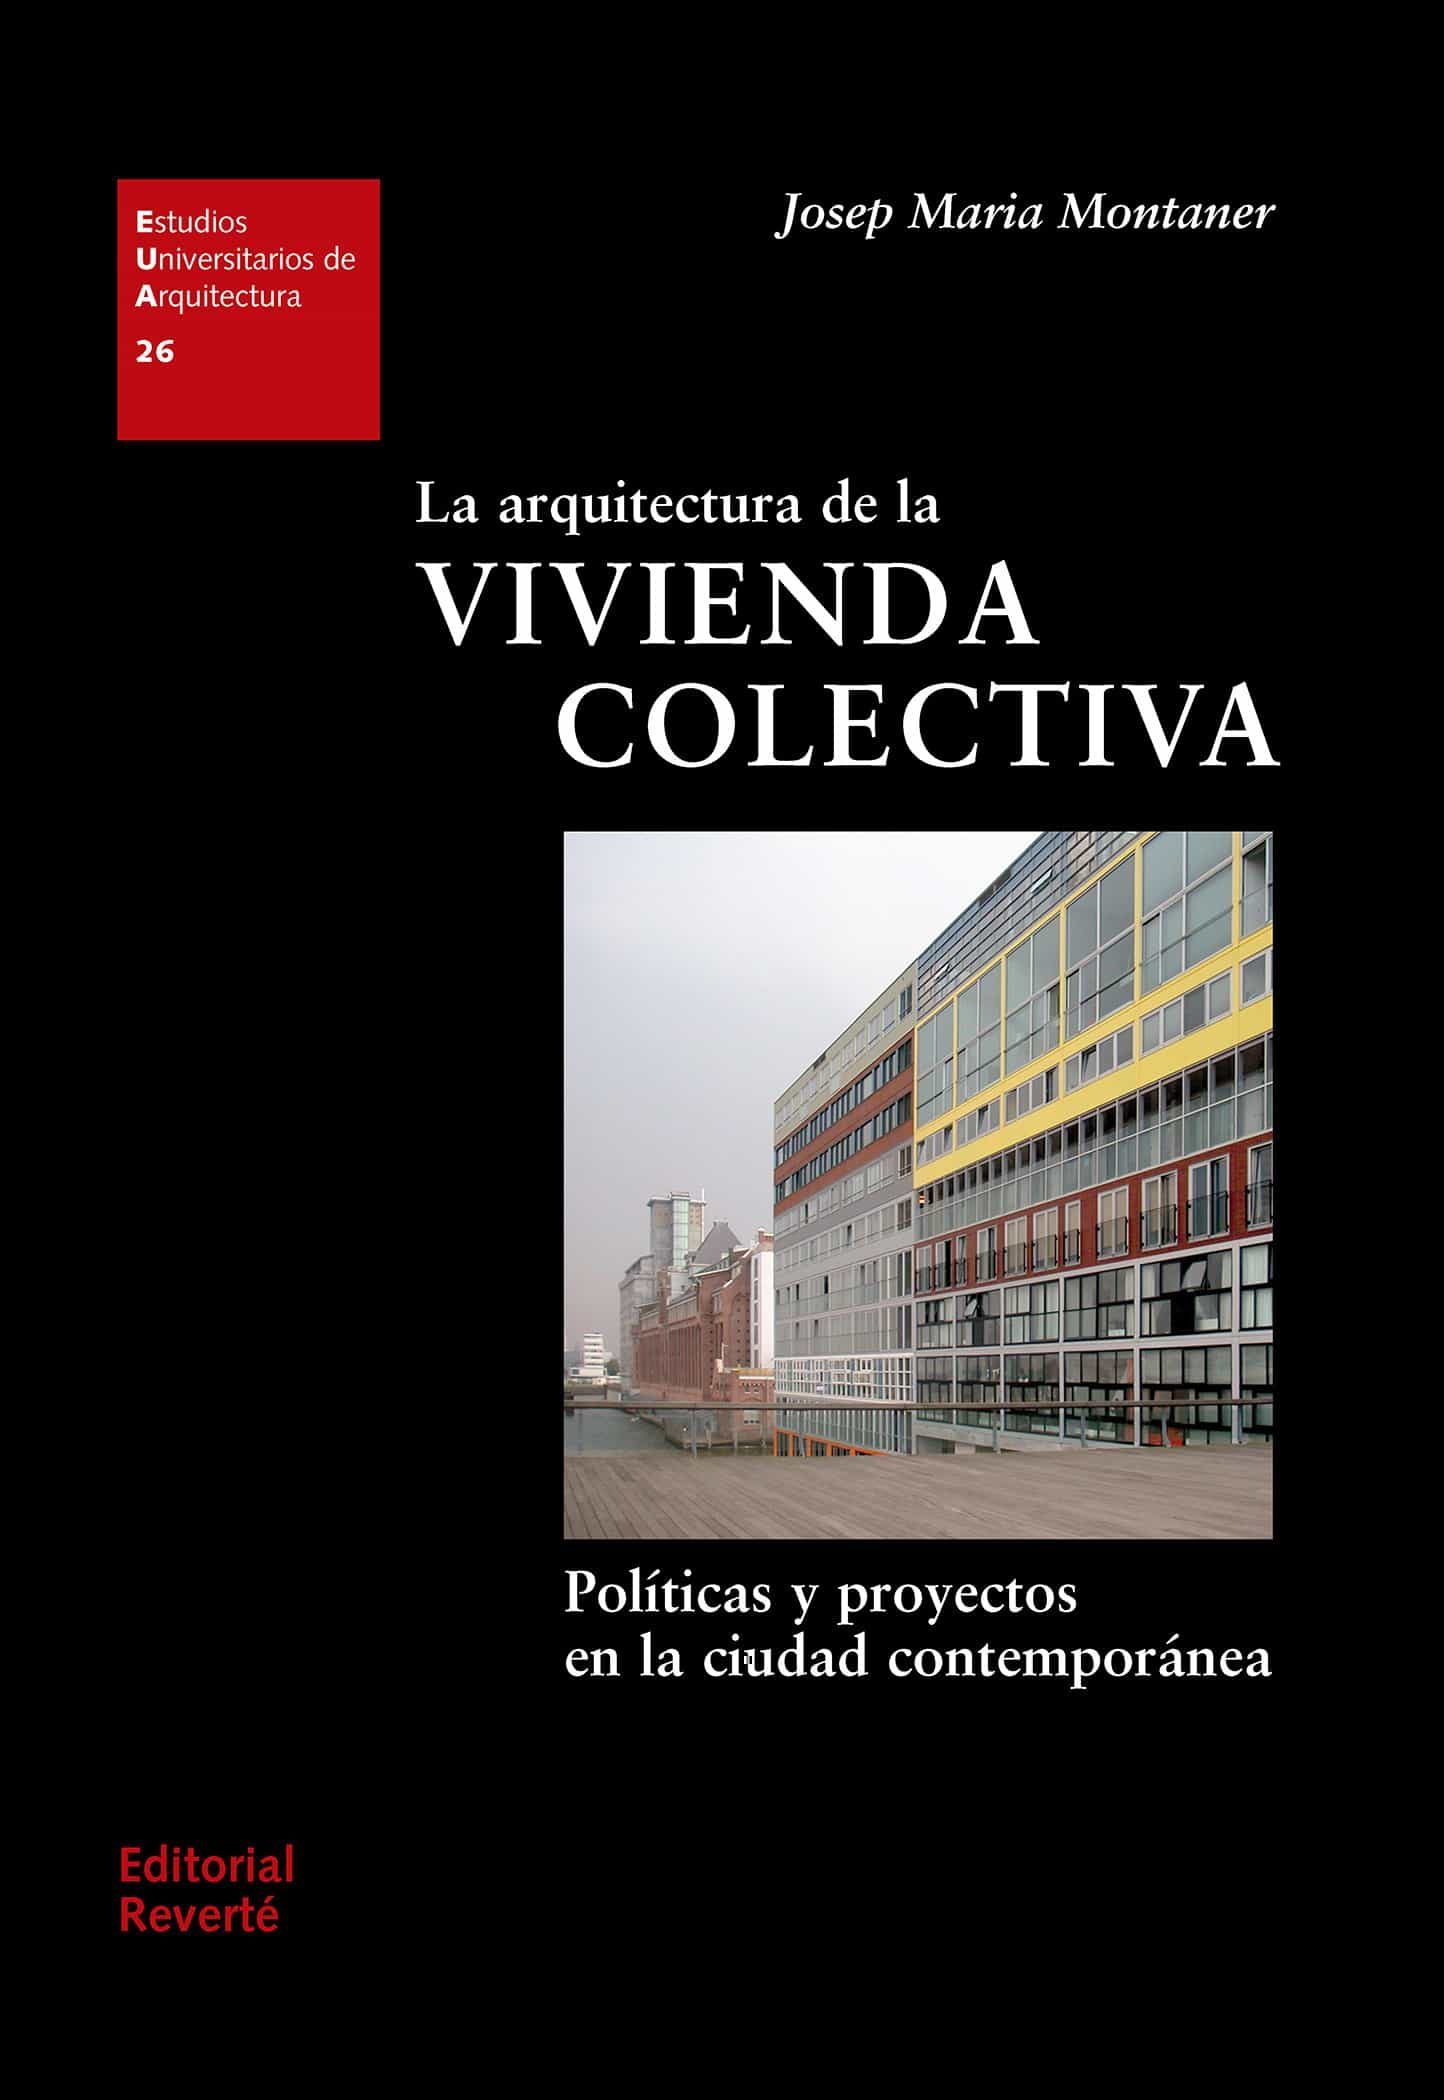 La Arquitectura De La Vivienda Colectiva por Josep Maria Montaner